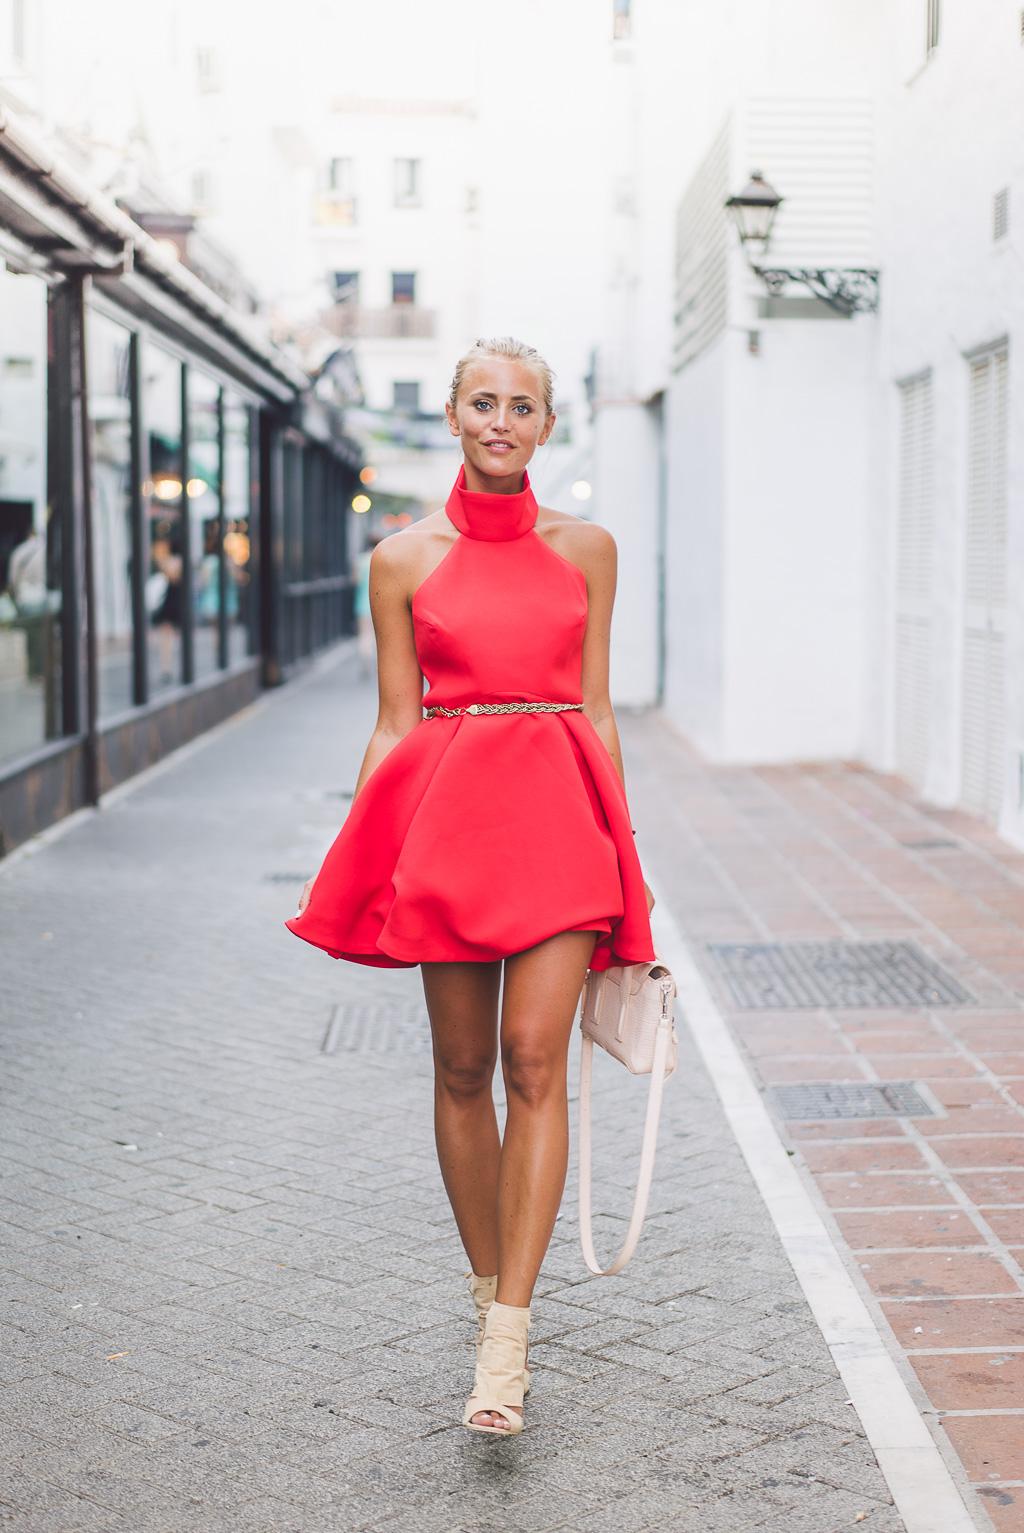 janni-deler-red-dress-finders-keepersDSC02337